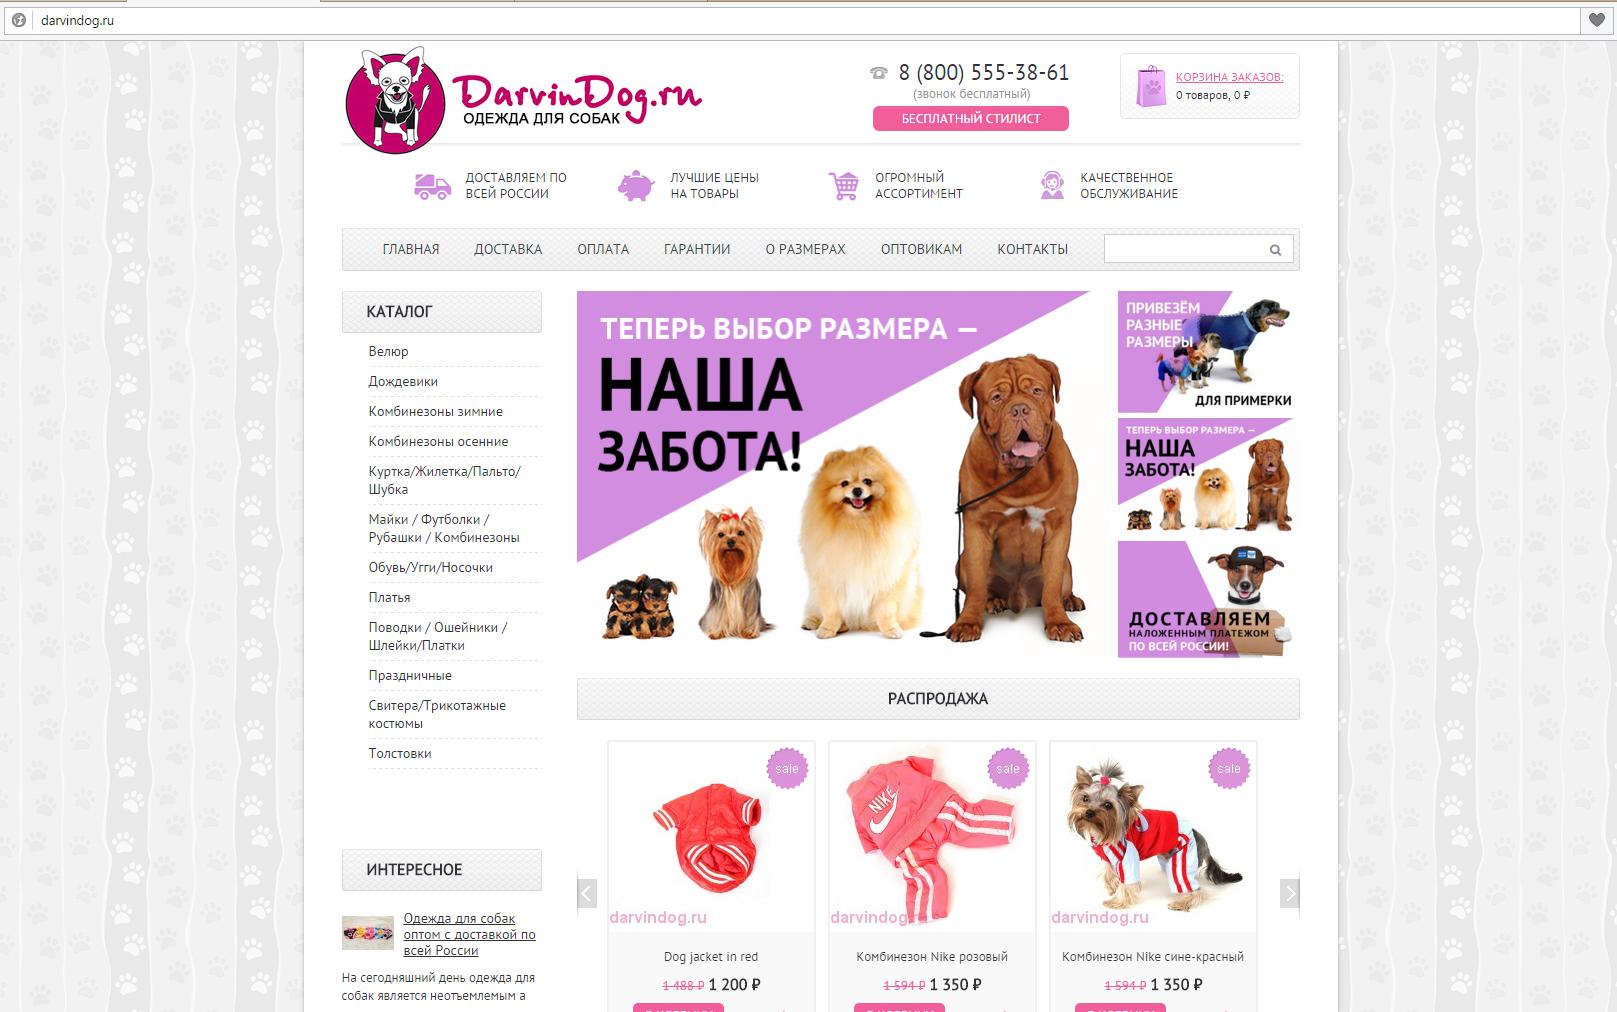 Создать логотип для интернет магазина одежды для собак фото f_069564b8df036d44.jpg